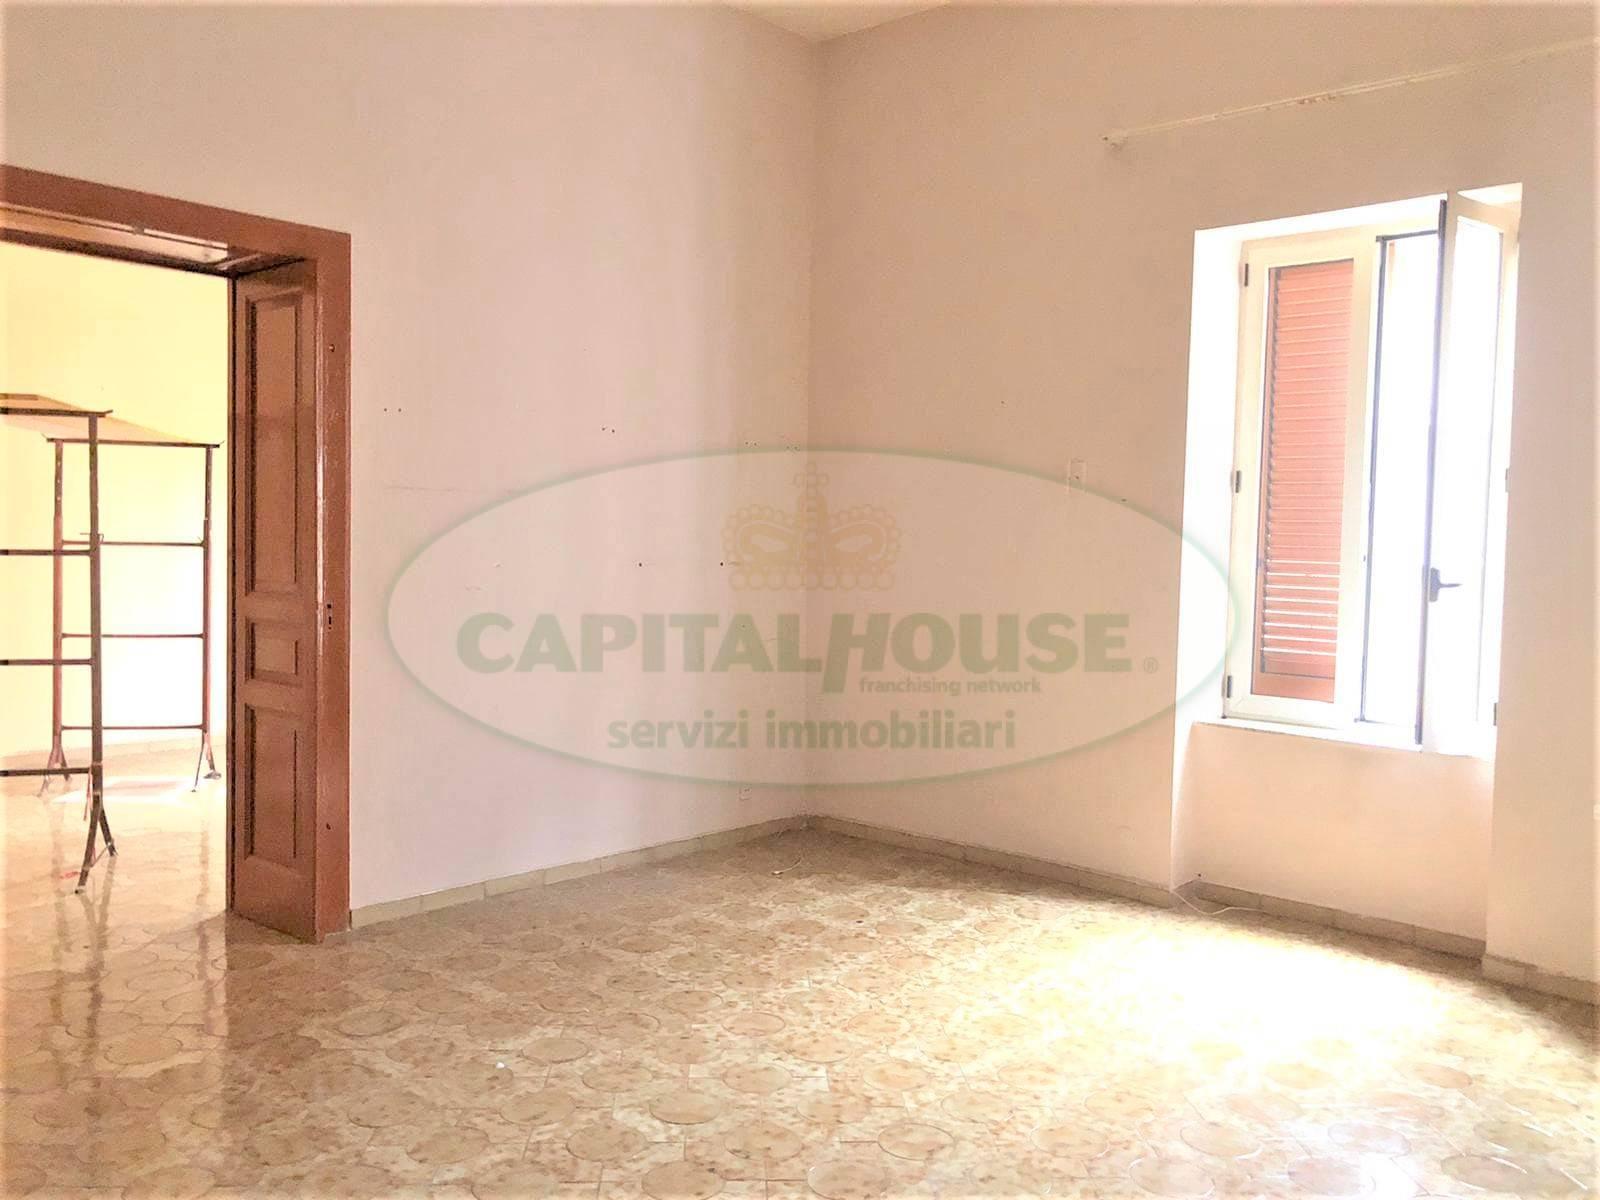 Soluzione Indipendente in affitto a Avella, 3 locali, prezzo € 330 | CambioCasa.it